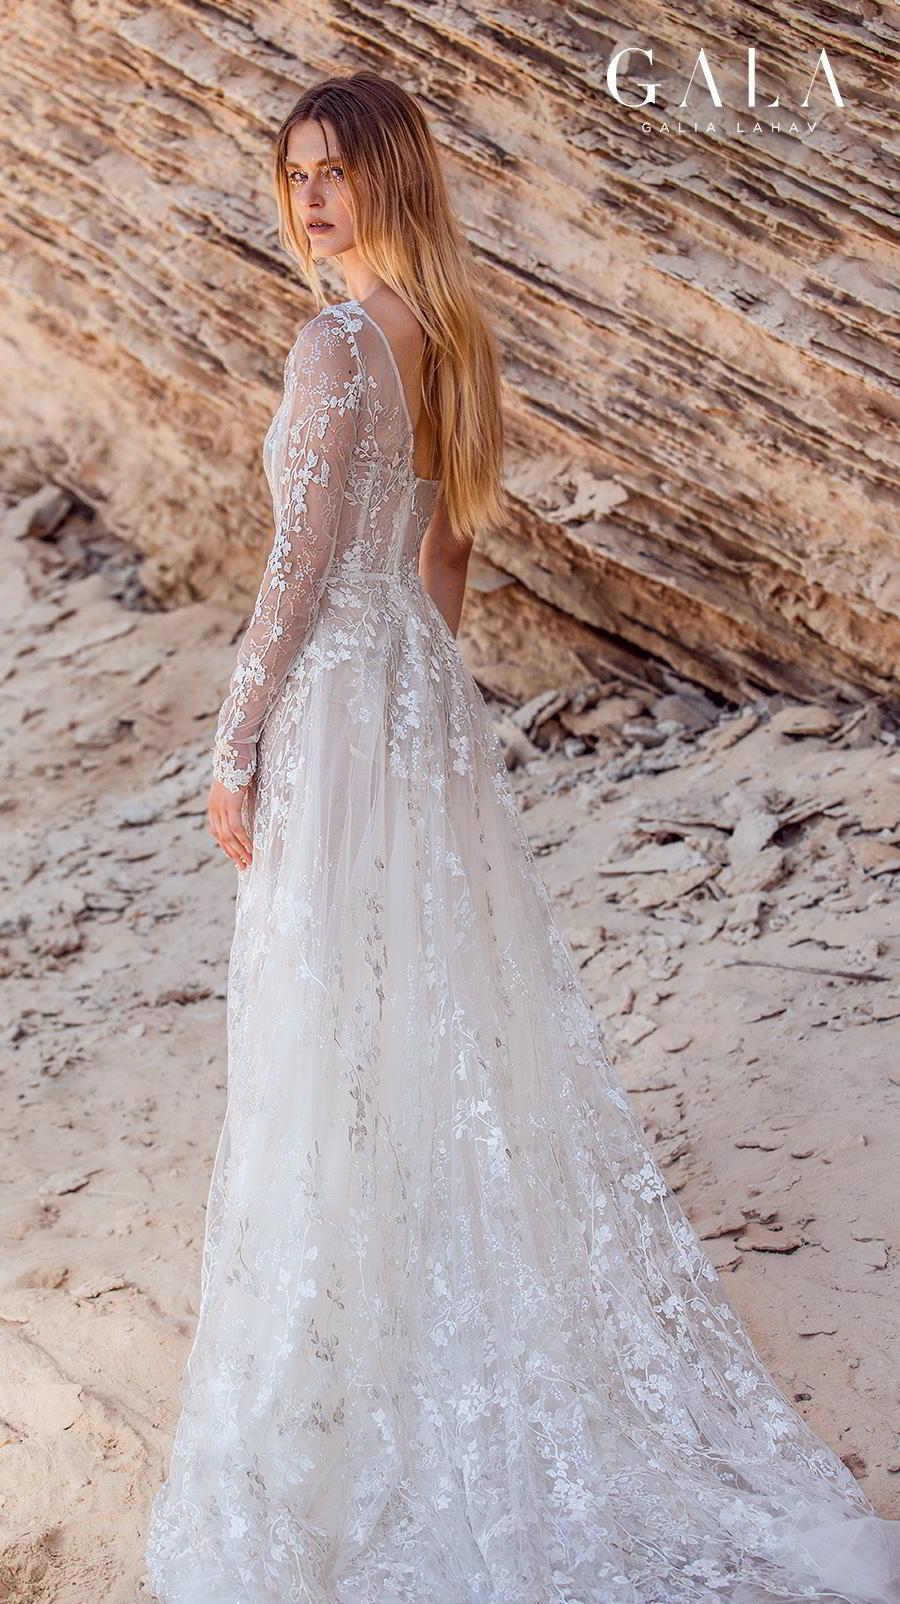 galia lahav fall 2020 gala no 9 bridal long sleeves one shoulder square neckline full embellishment slit skirt romantic a  line wedding dress chapel train (407) bv